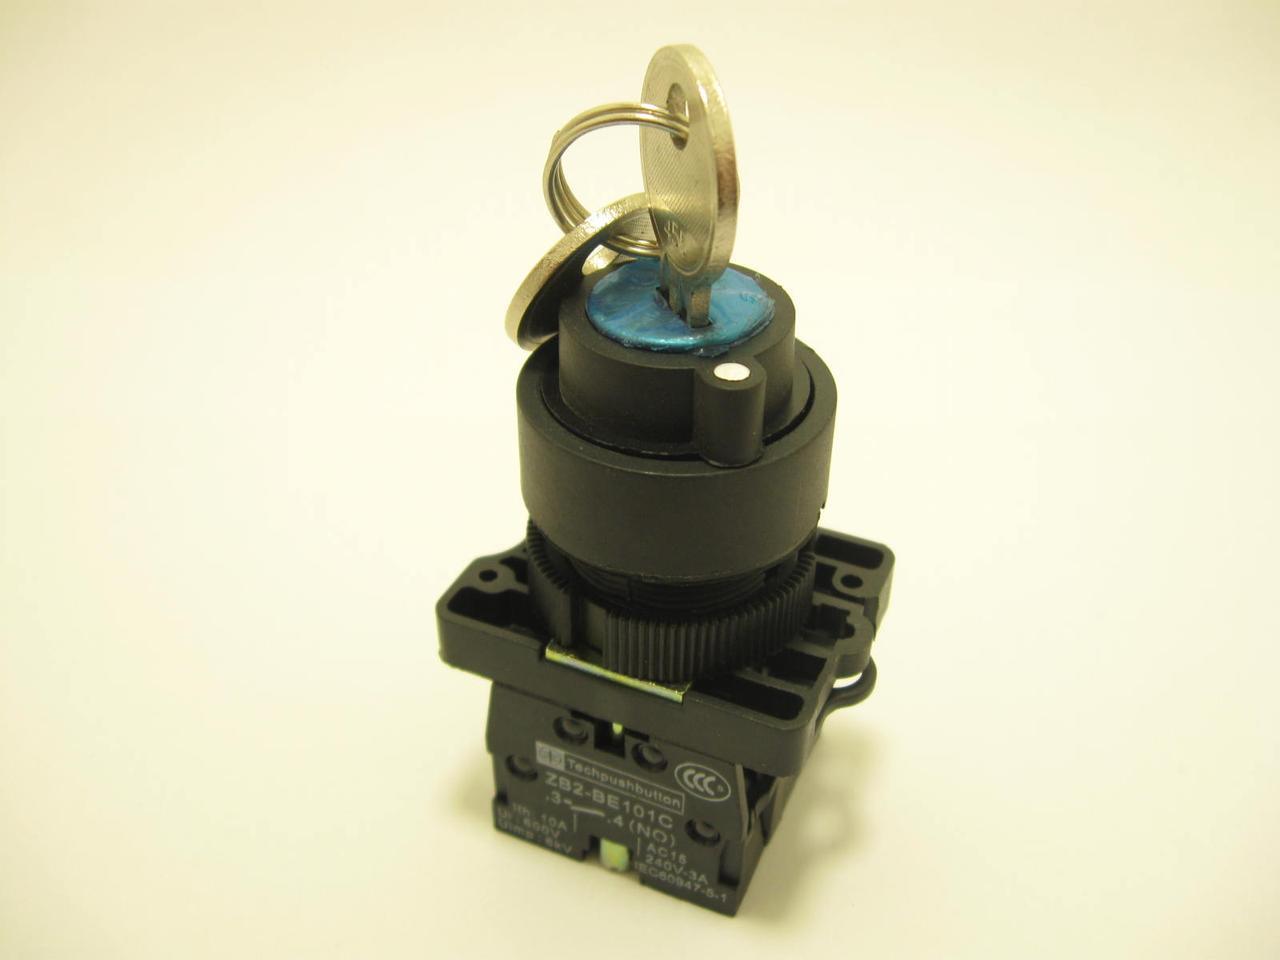 Поворотный переключатель XB2-BG33 3-позиционный с ключом